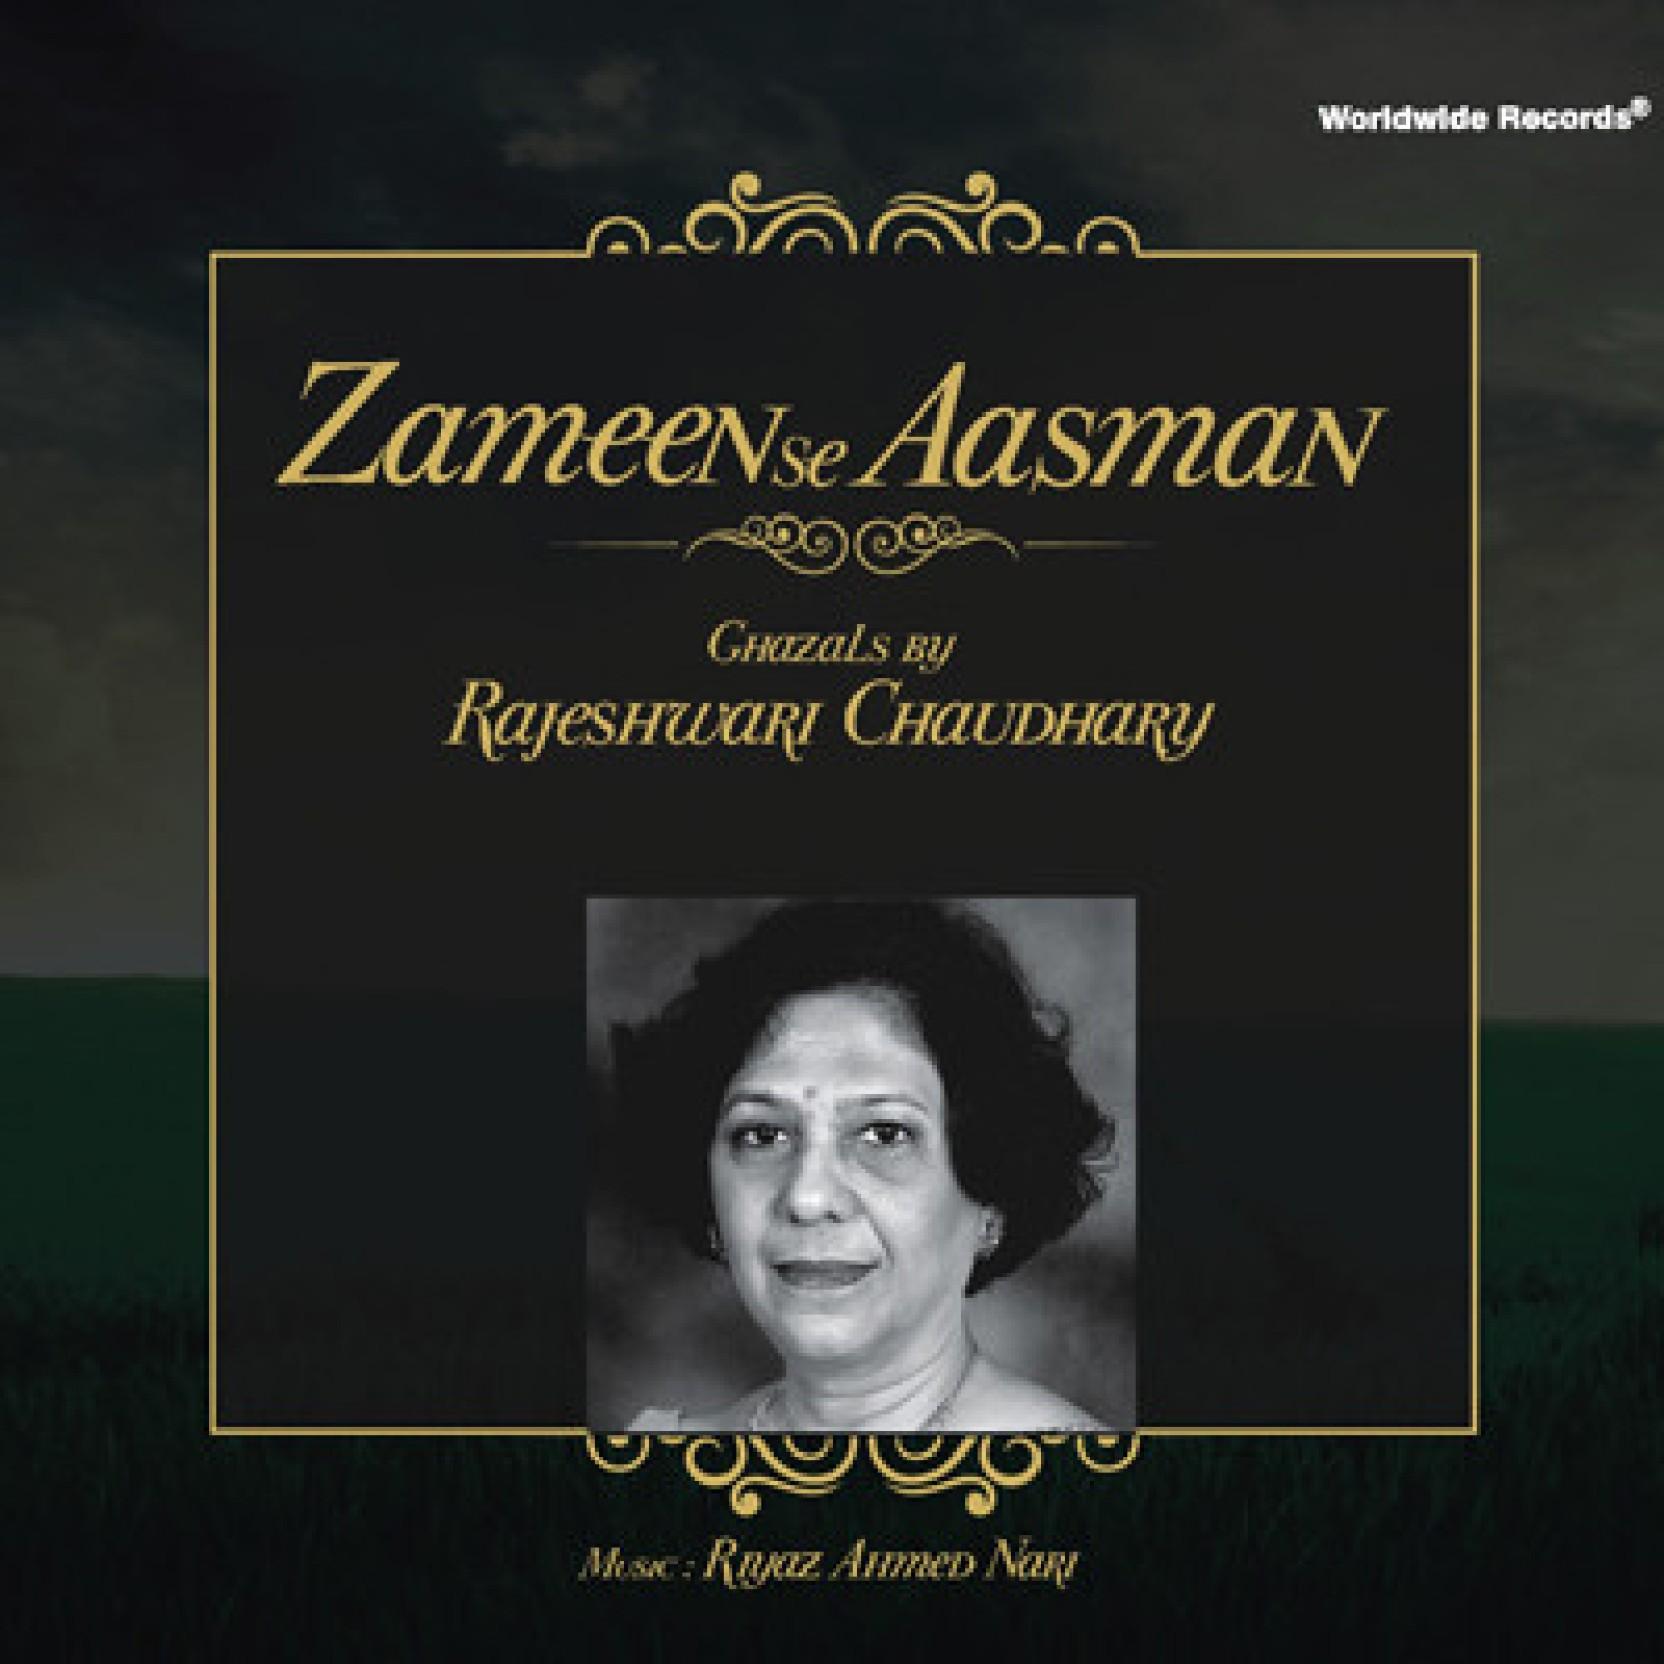 Ye Pyar Nahi To Kya Hai Serial Song: Zameen Se Aasman Music Audio CD